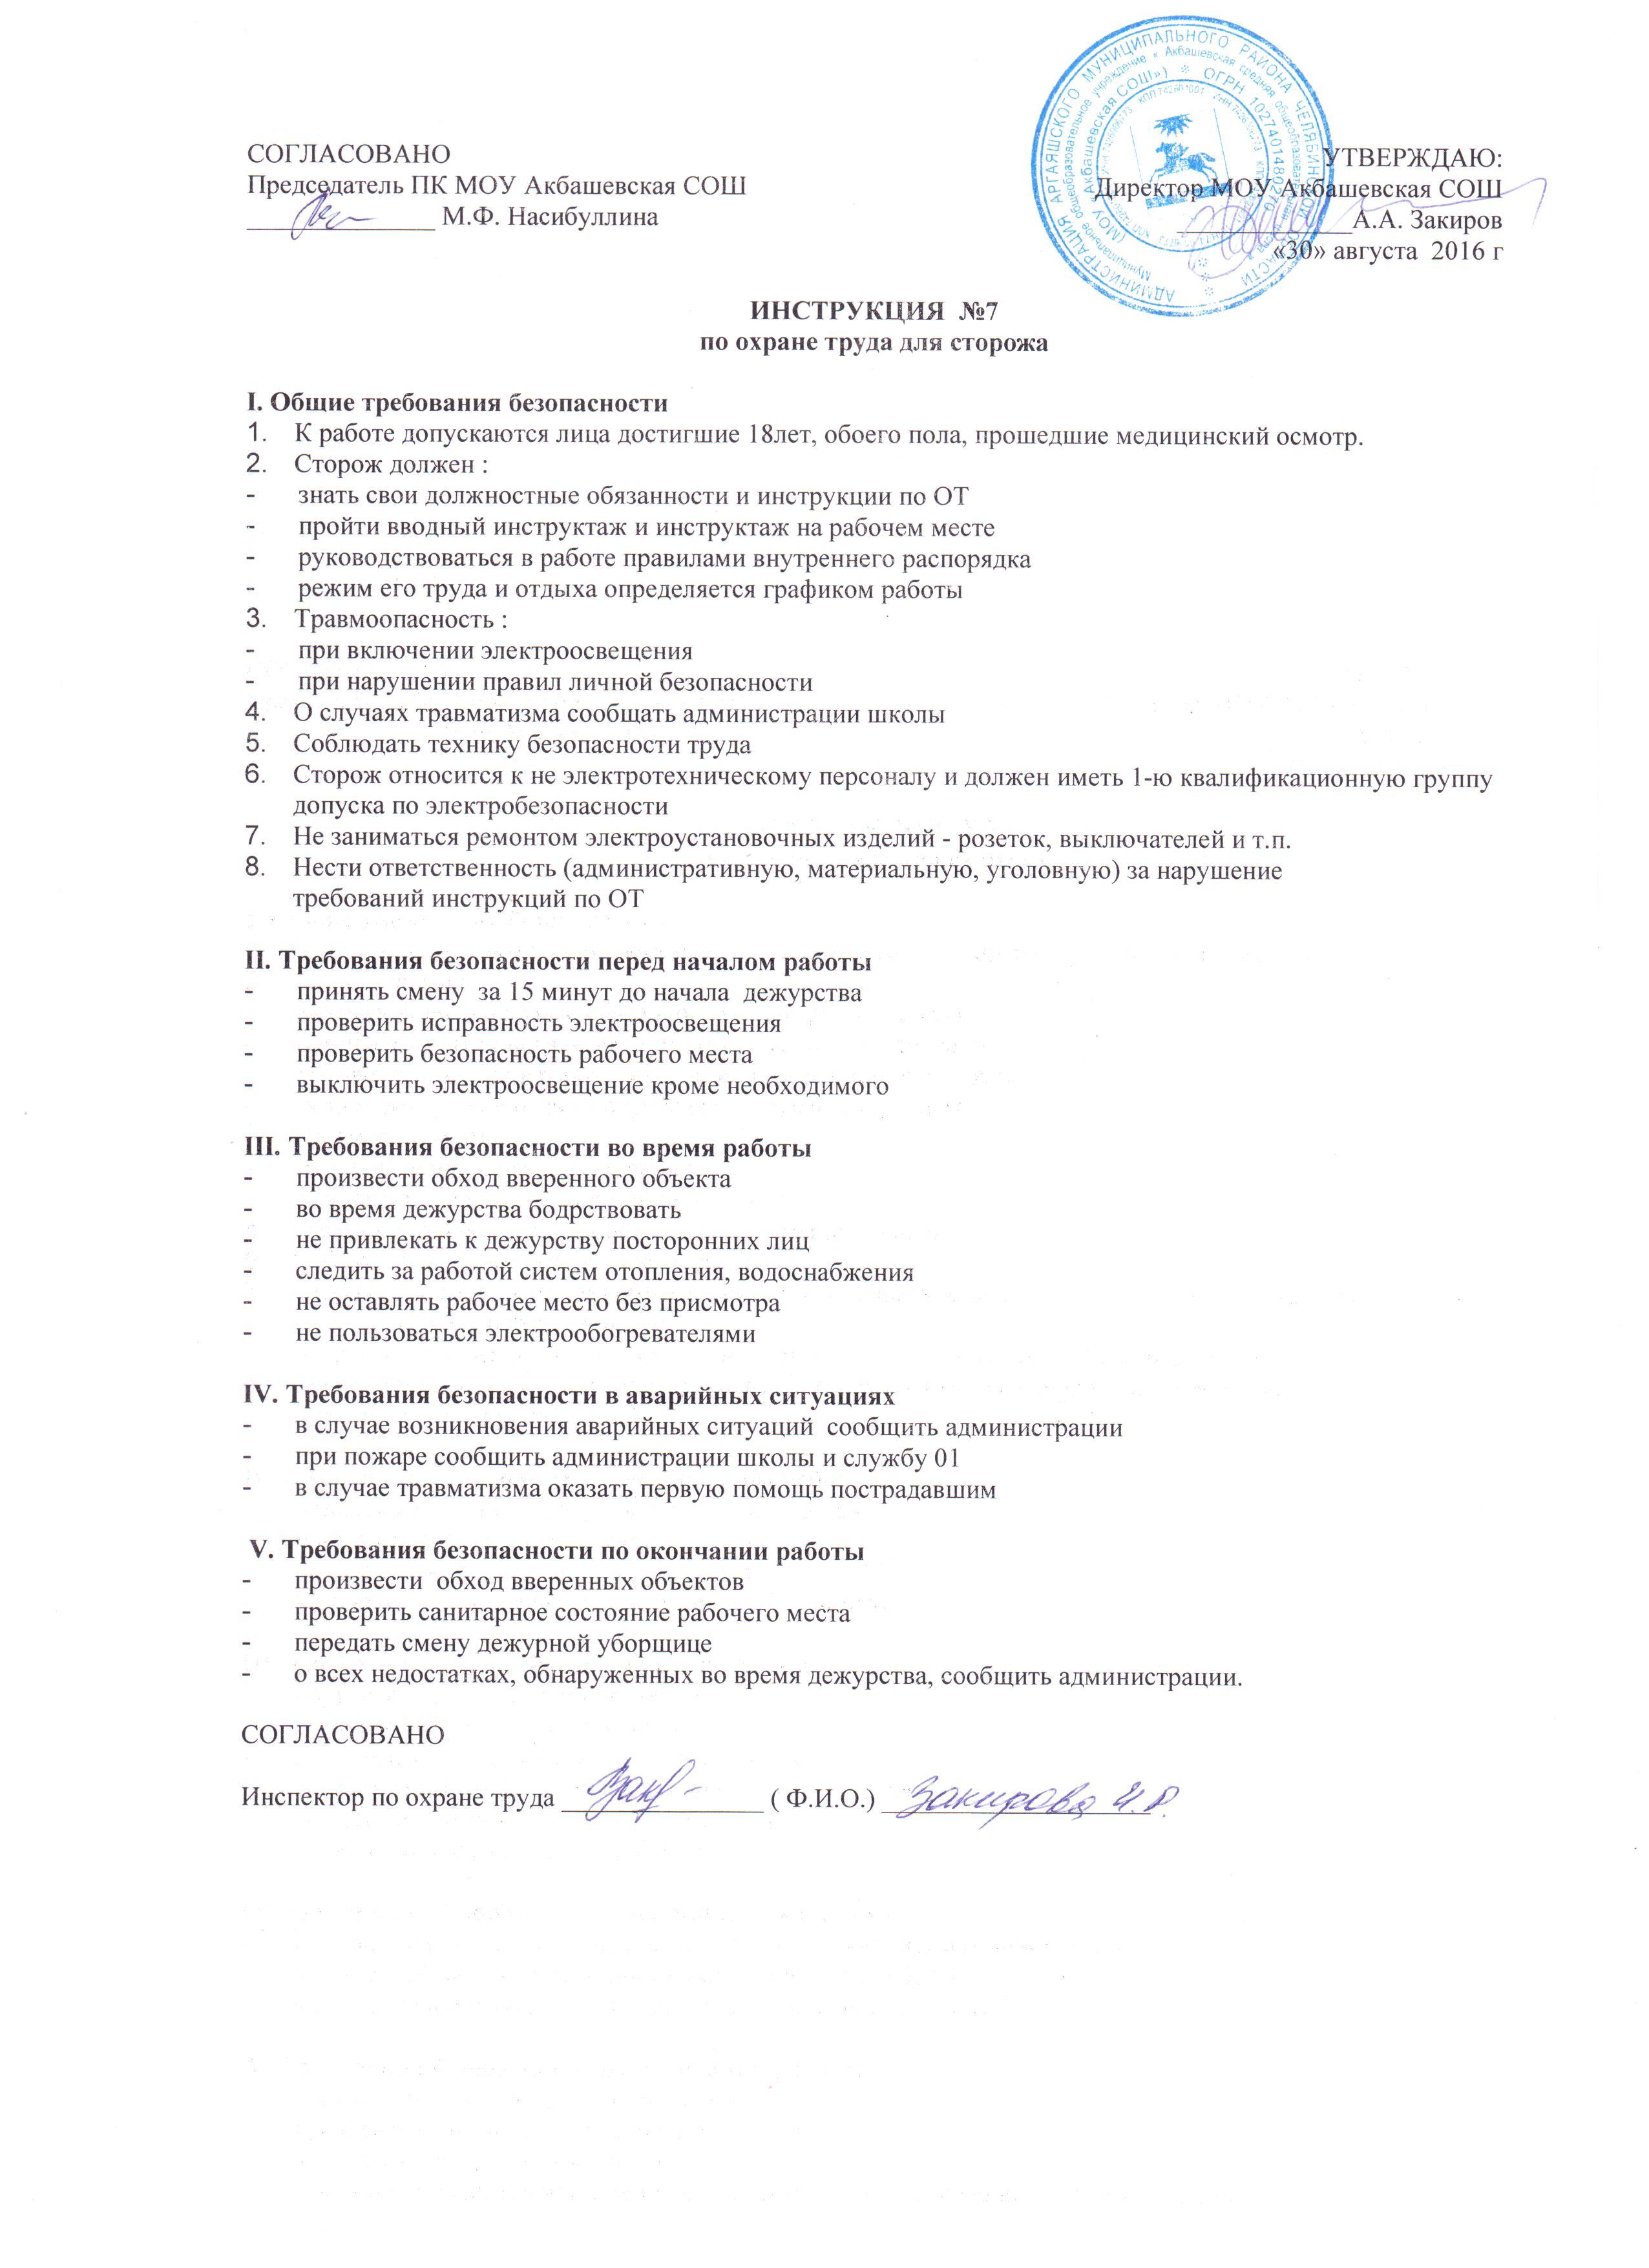 инструкции с охраны труда